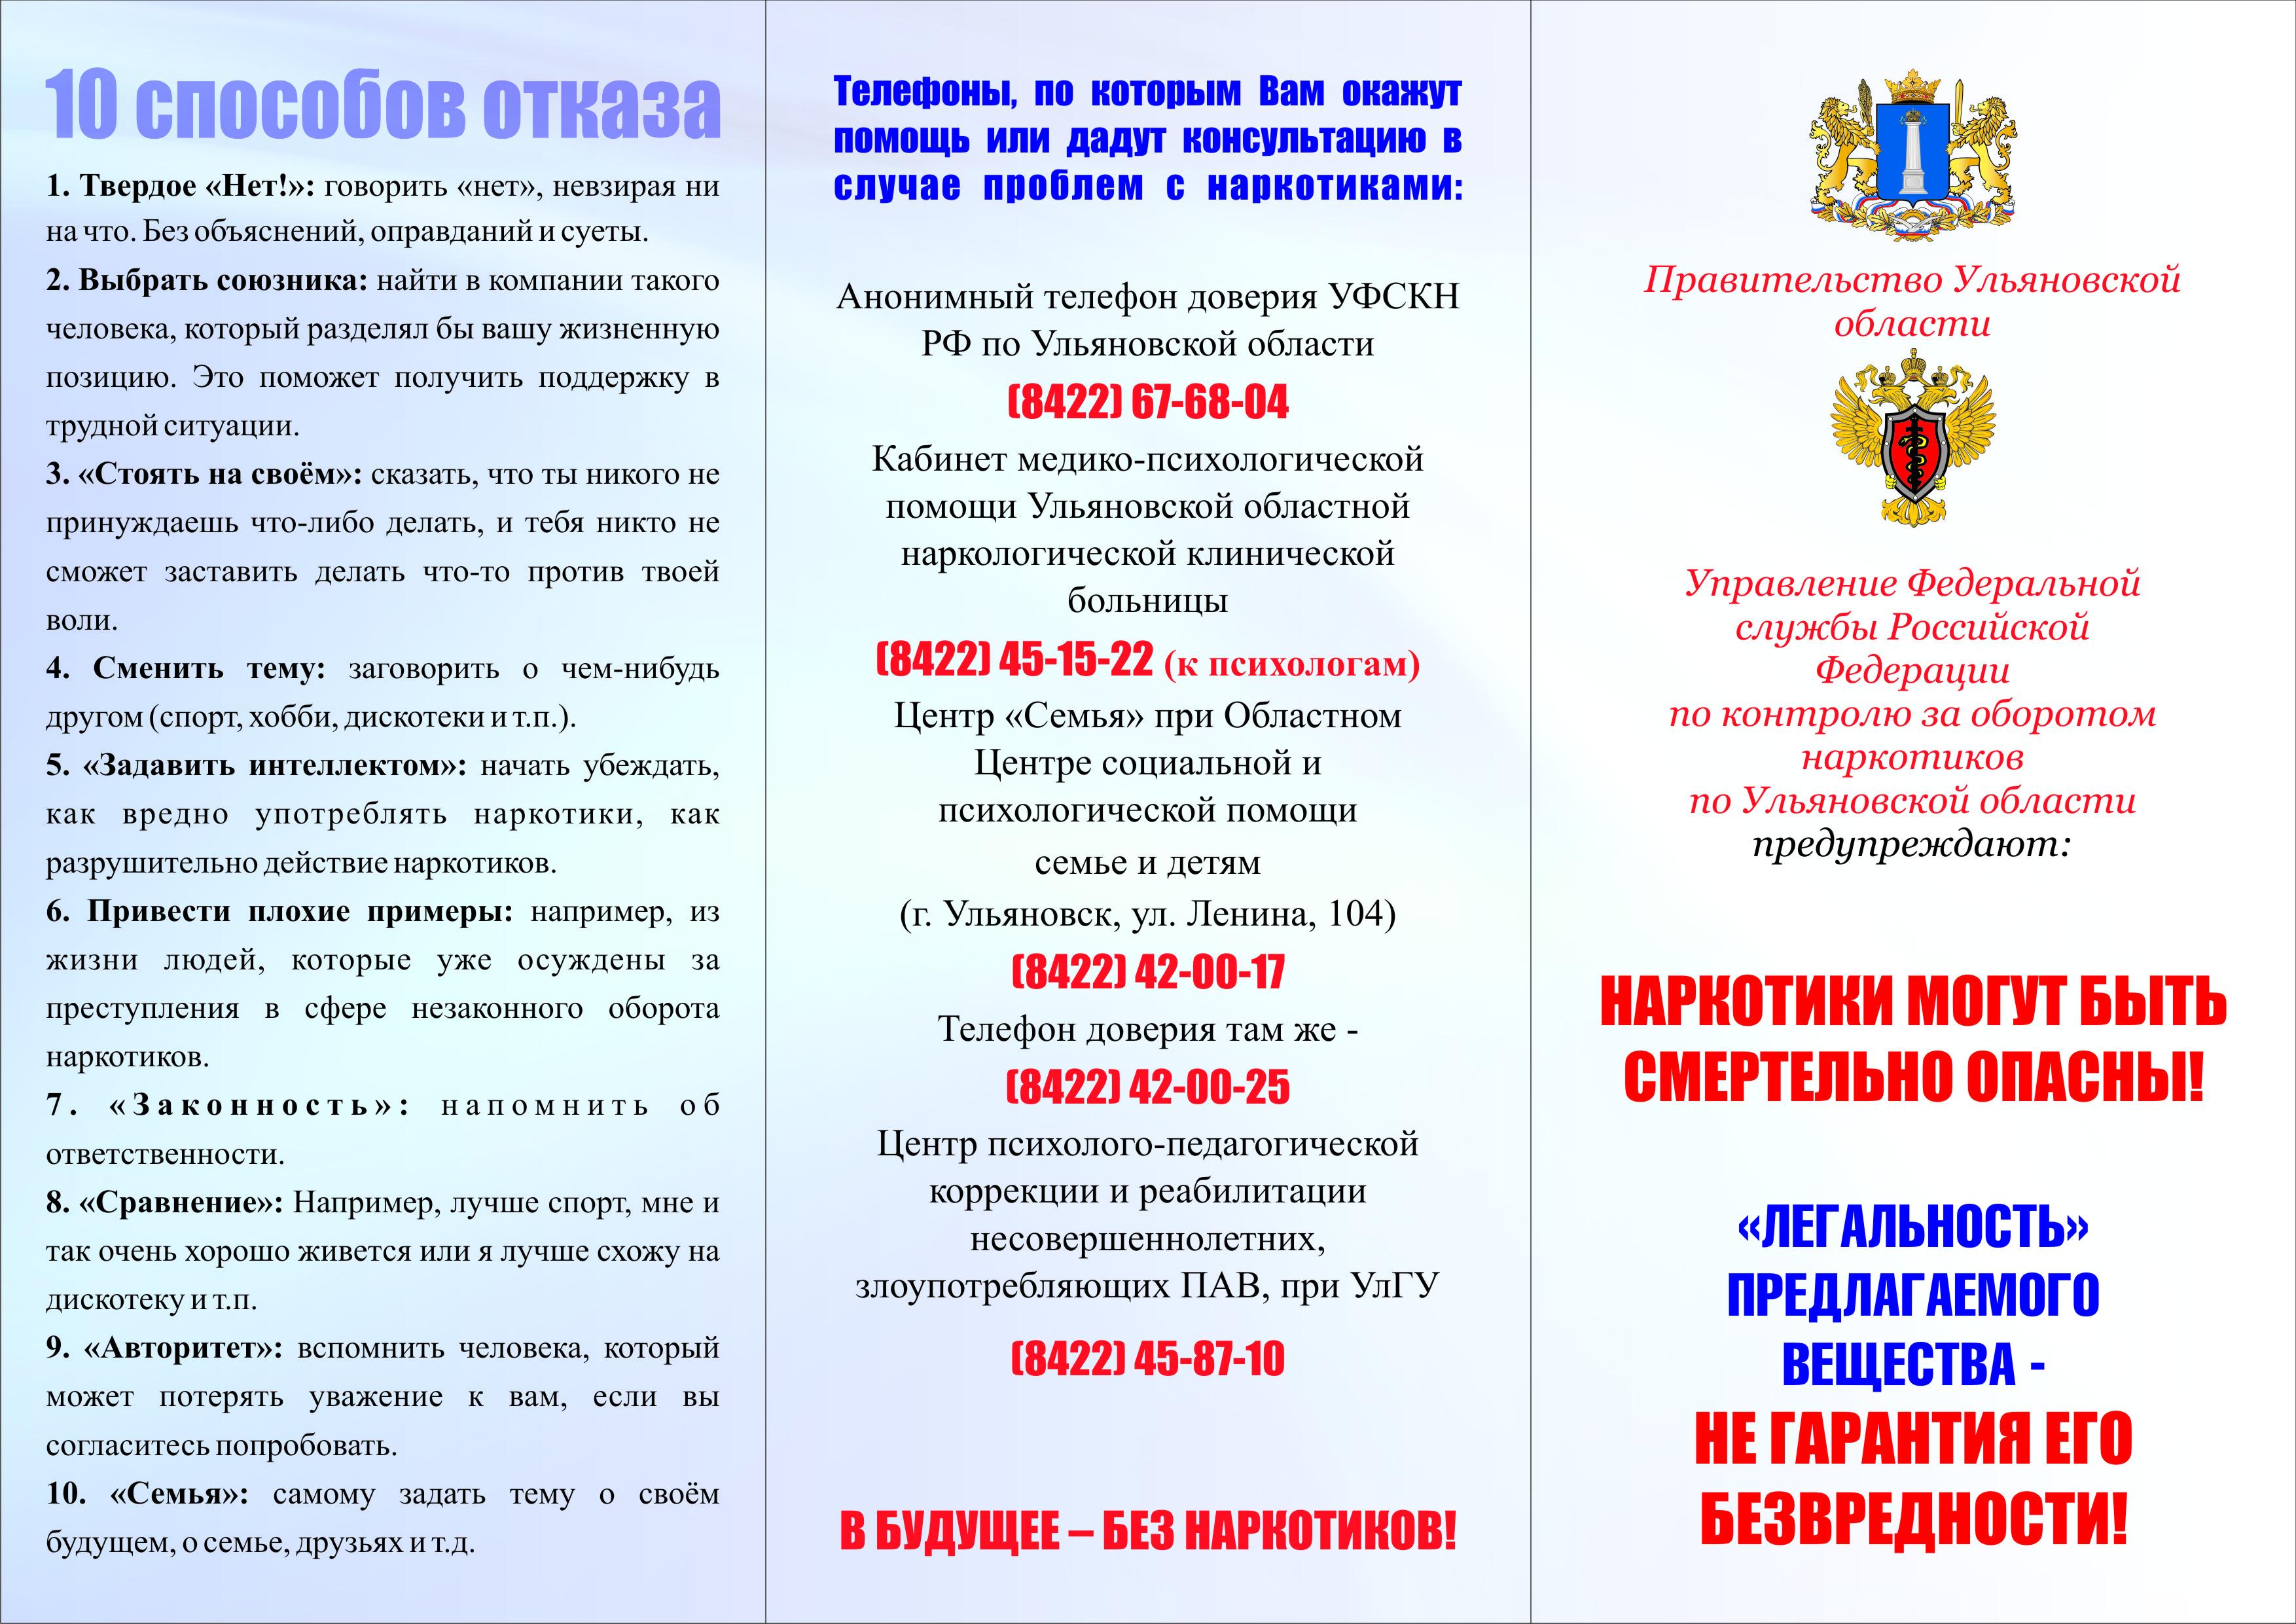 Методы профилактики табакокурения, наркомании, алкоголизма в школе мероприятия вип лечение алкоголизма в москве в санатории